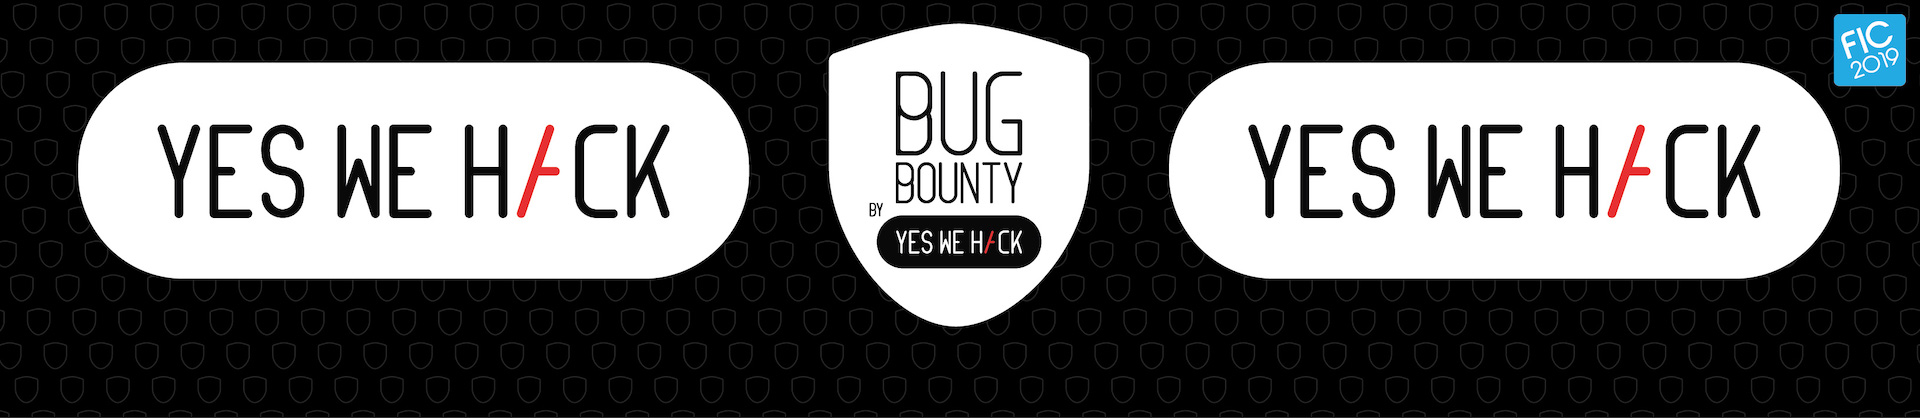 Événement Bug Bounty – Rendez-vous au FIC (Lille) la semaine prochaine !